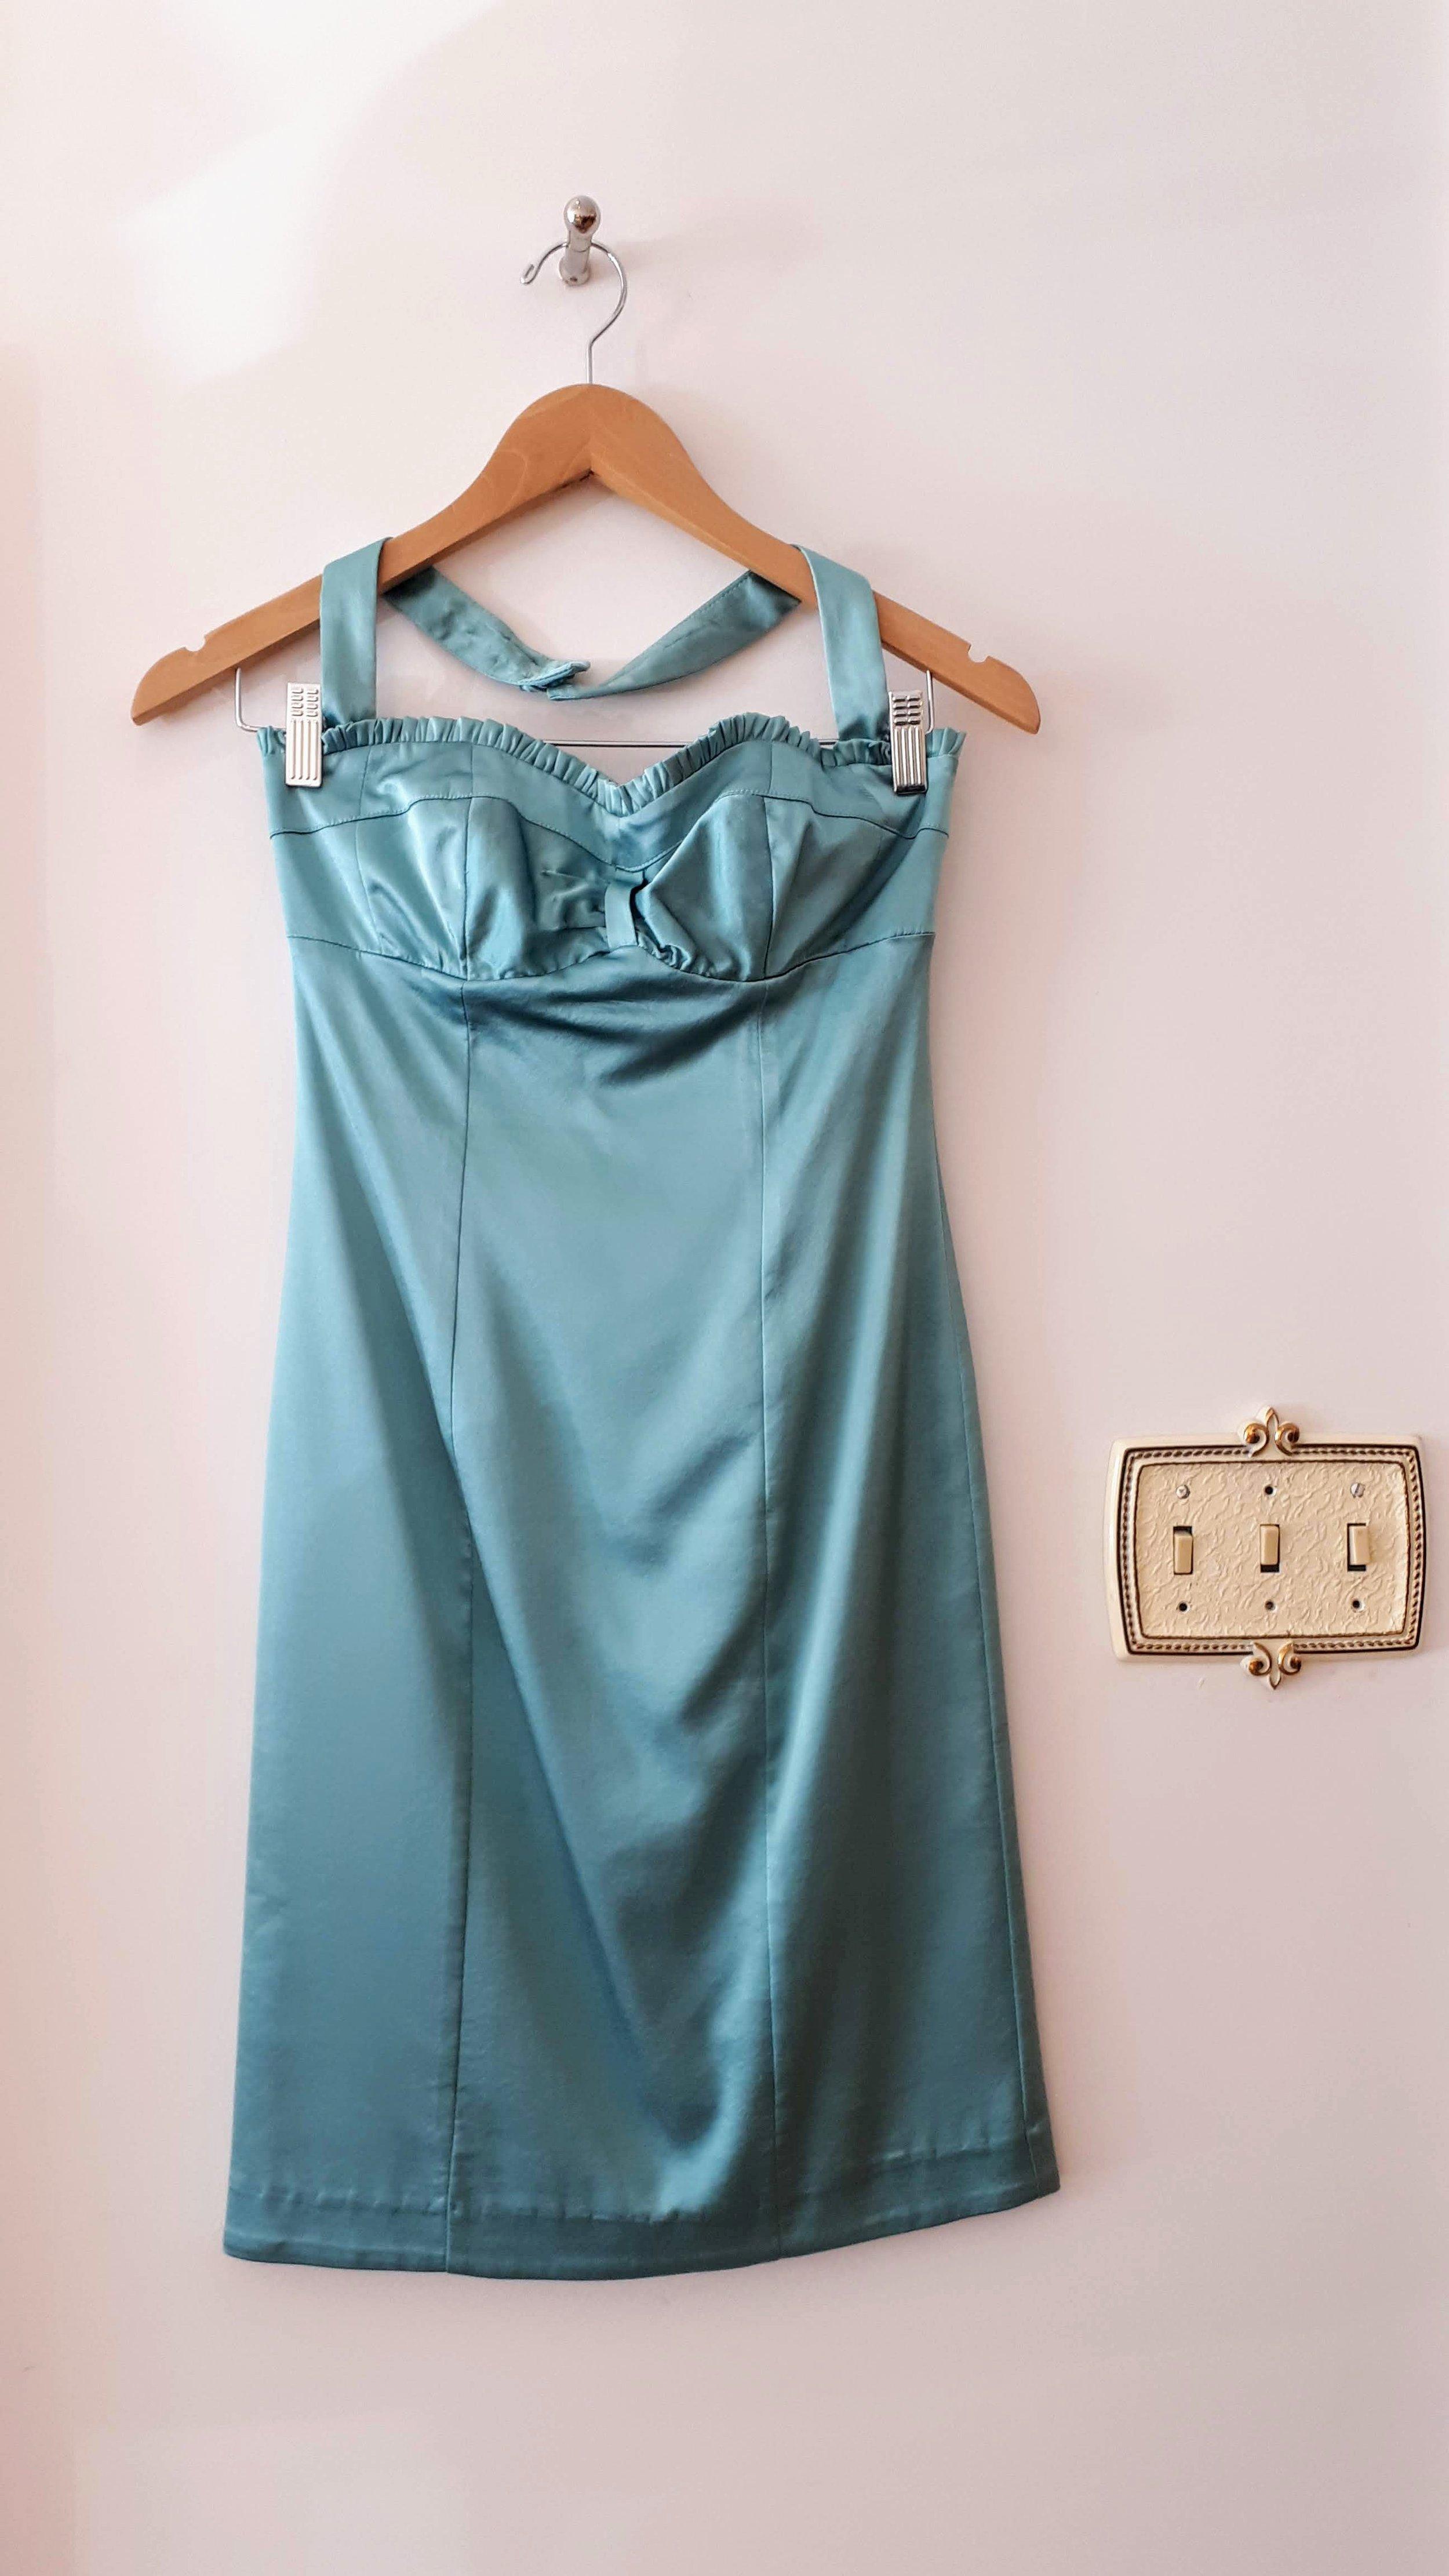 Betsey Johnson dress; Size 4, $46